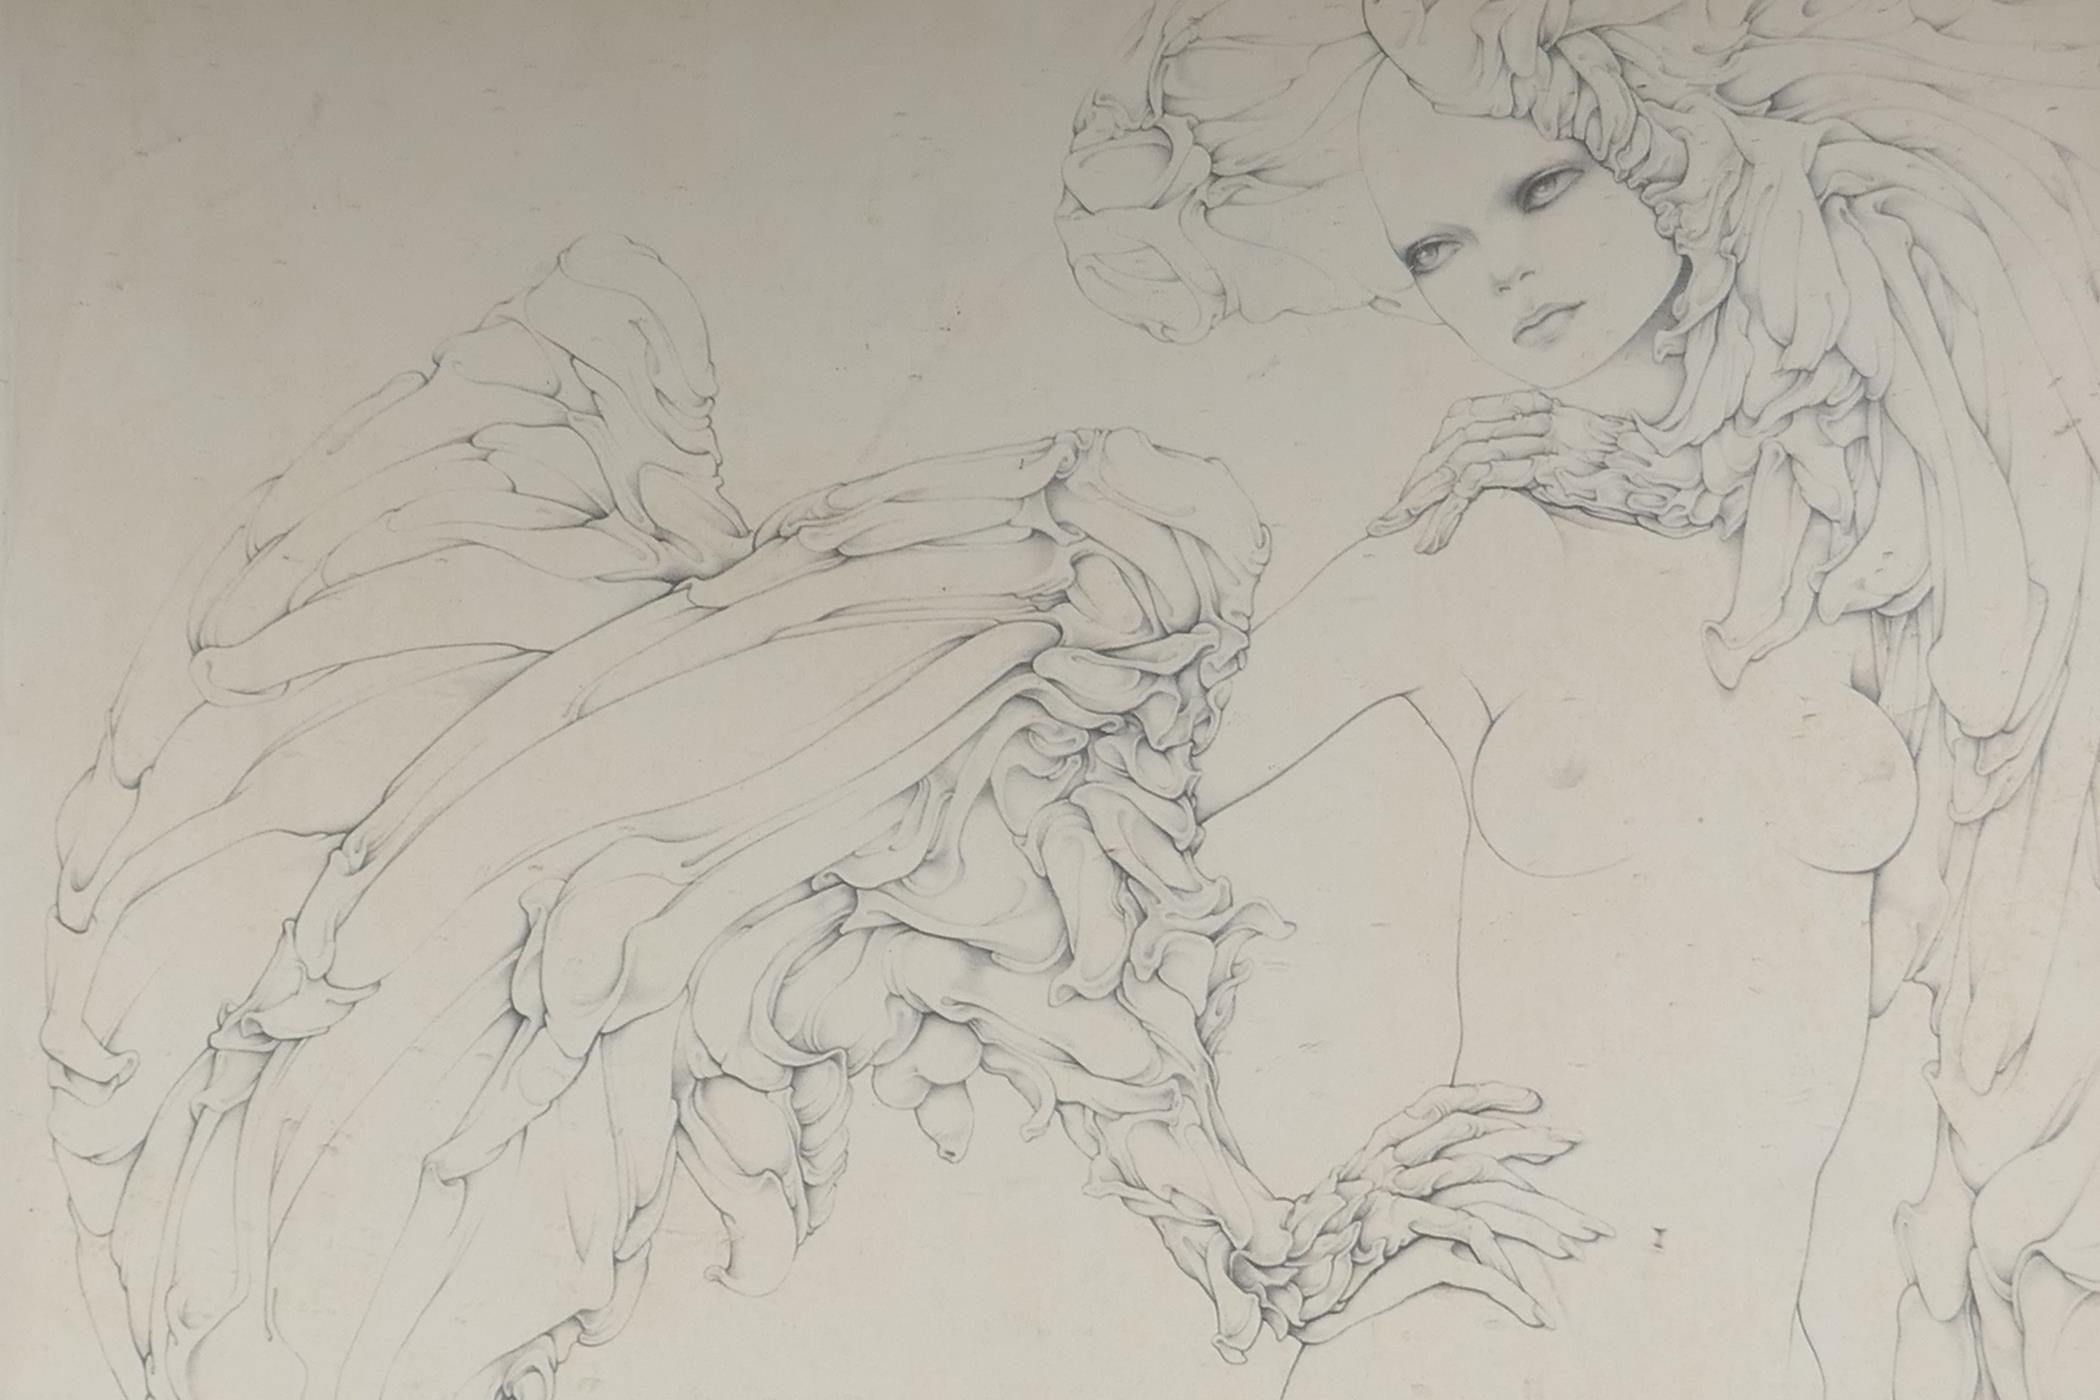 """After Gilles Rimbault, Studio 69, erotic surrealist art print, stamped, 23"""" x 23"""""""